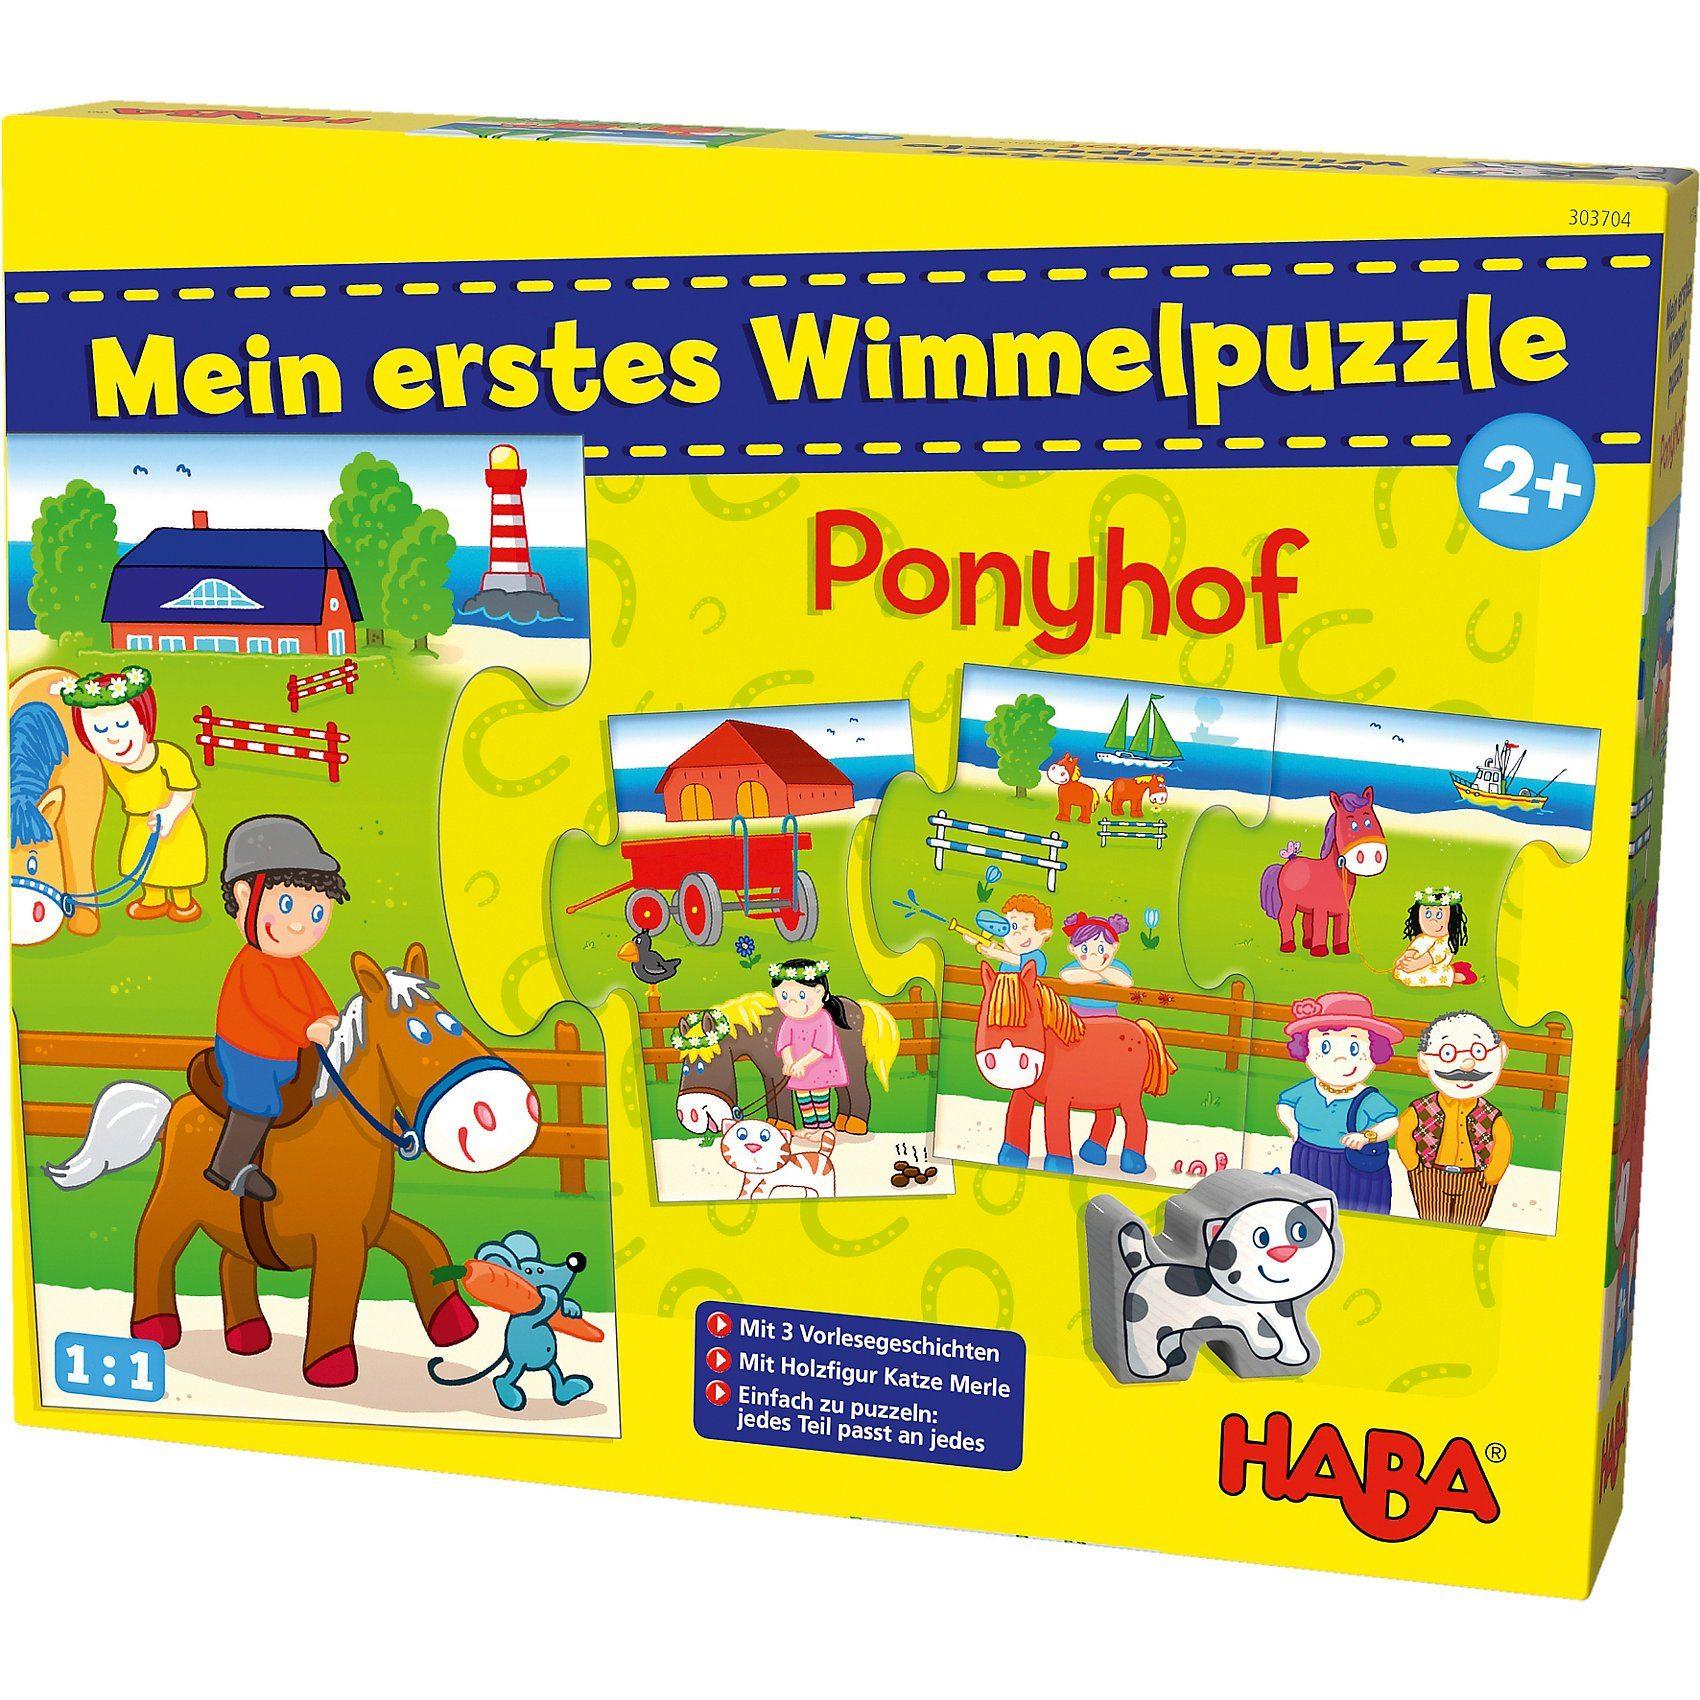 Haba Mein erstes Wimmelpuzzle - Ponyhof